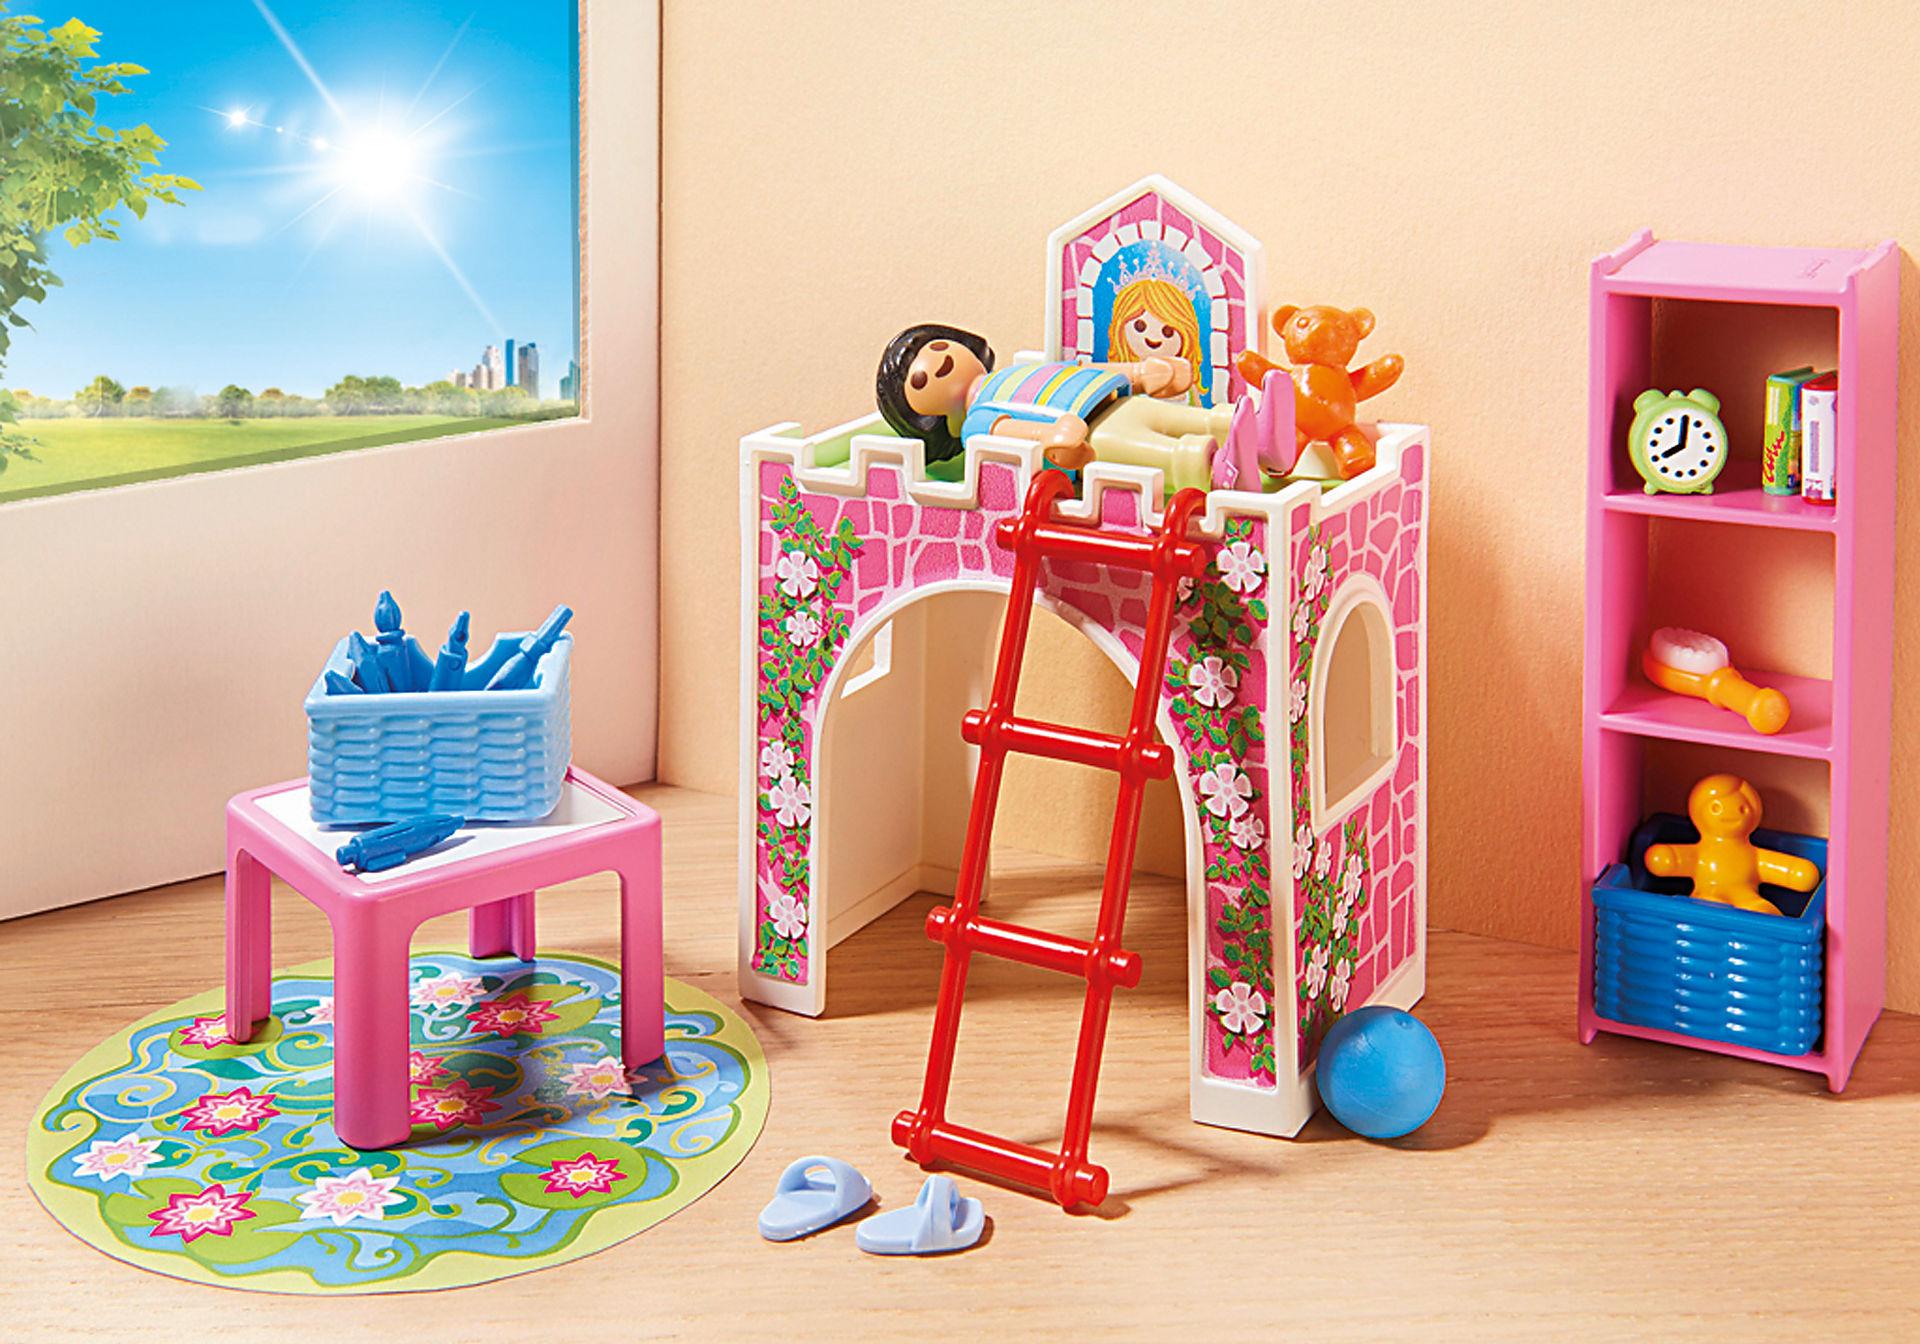 9270 Chambre d'enfant zoom image5